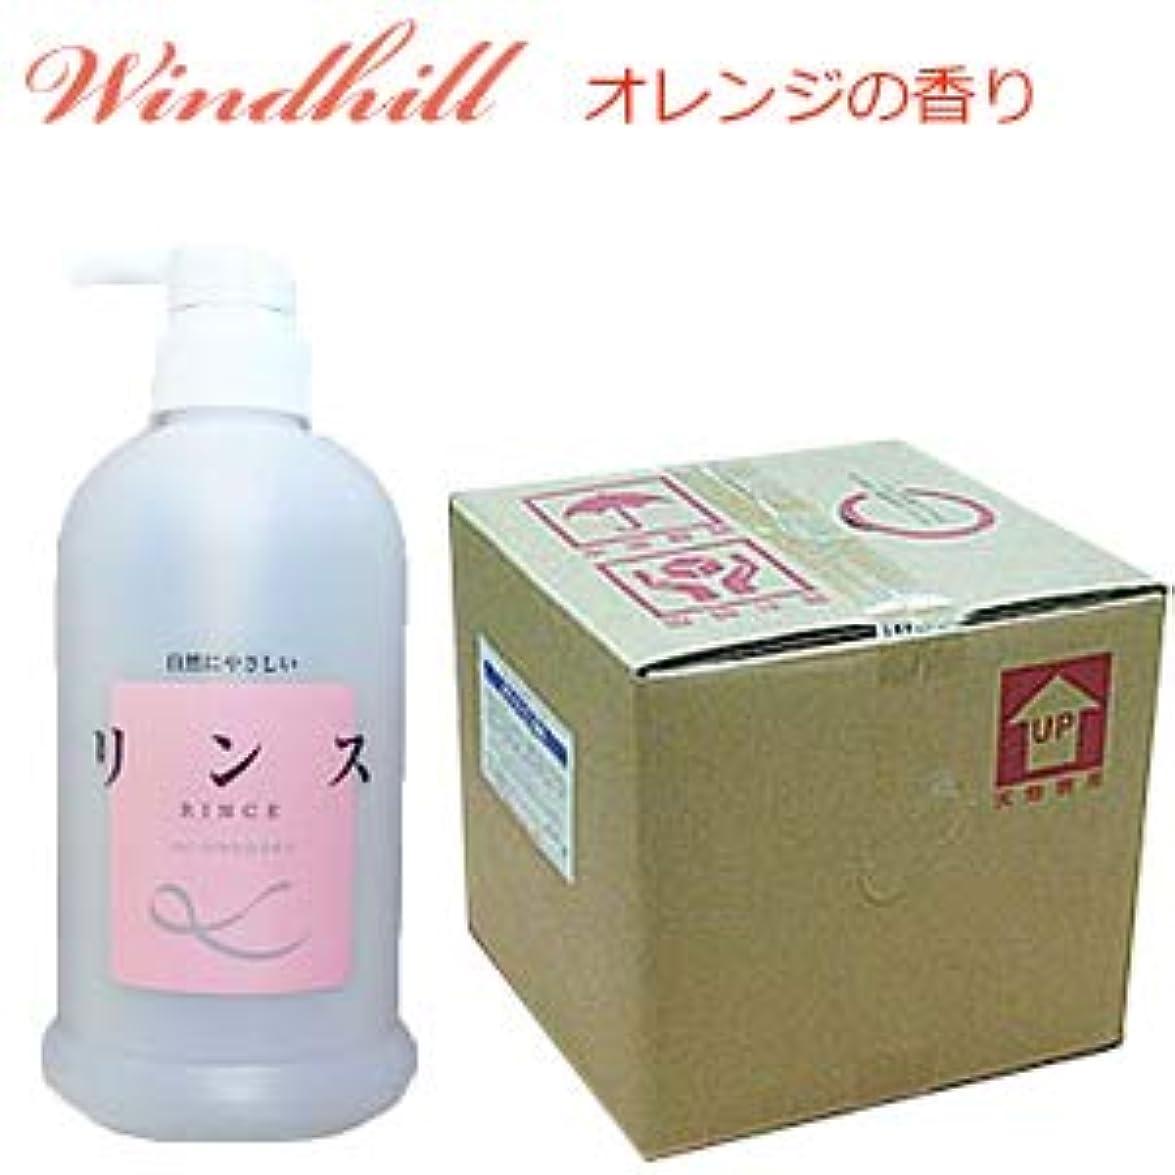 リング専門化する専門化するWindhill 植物性 業務用リンスオレンジの香り 20L(1セット20L入)